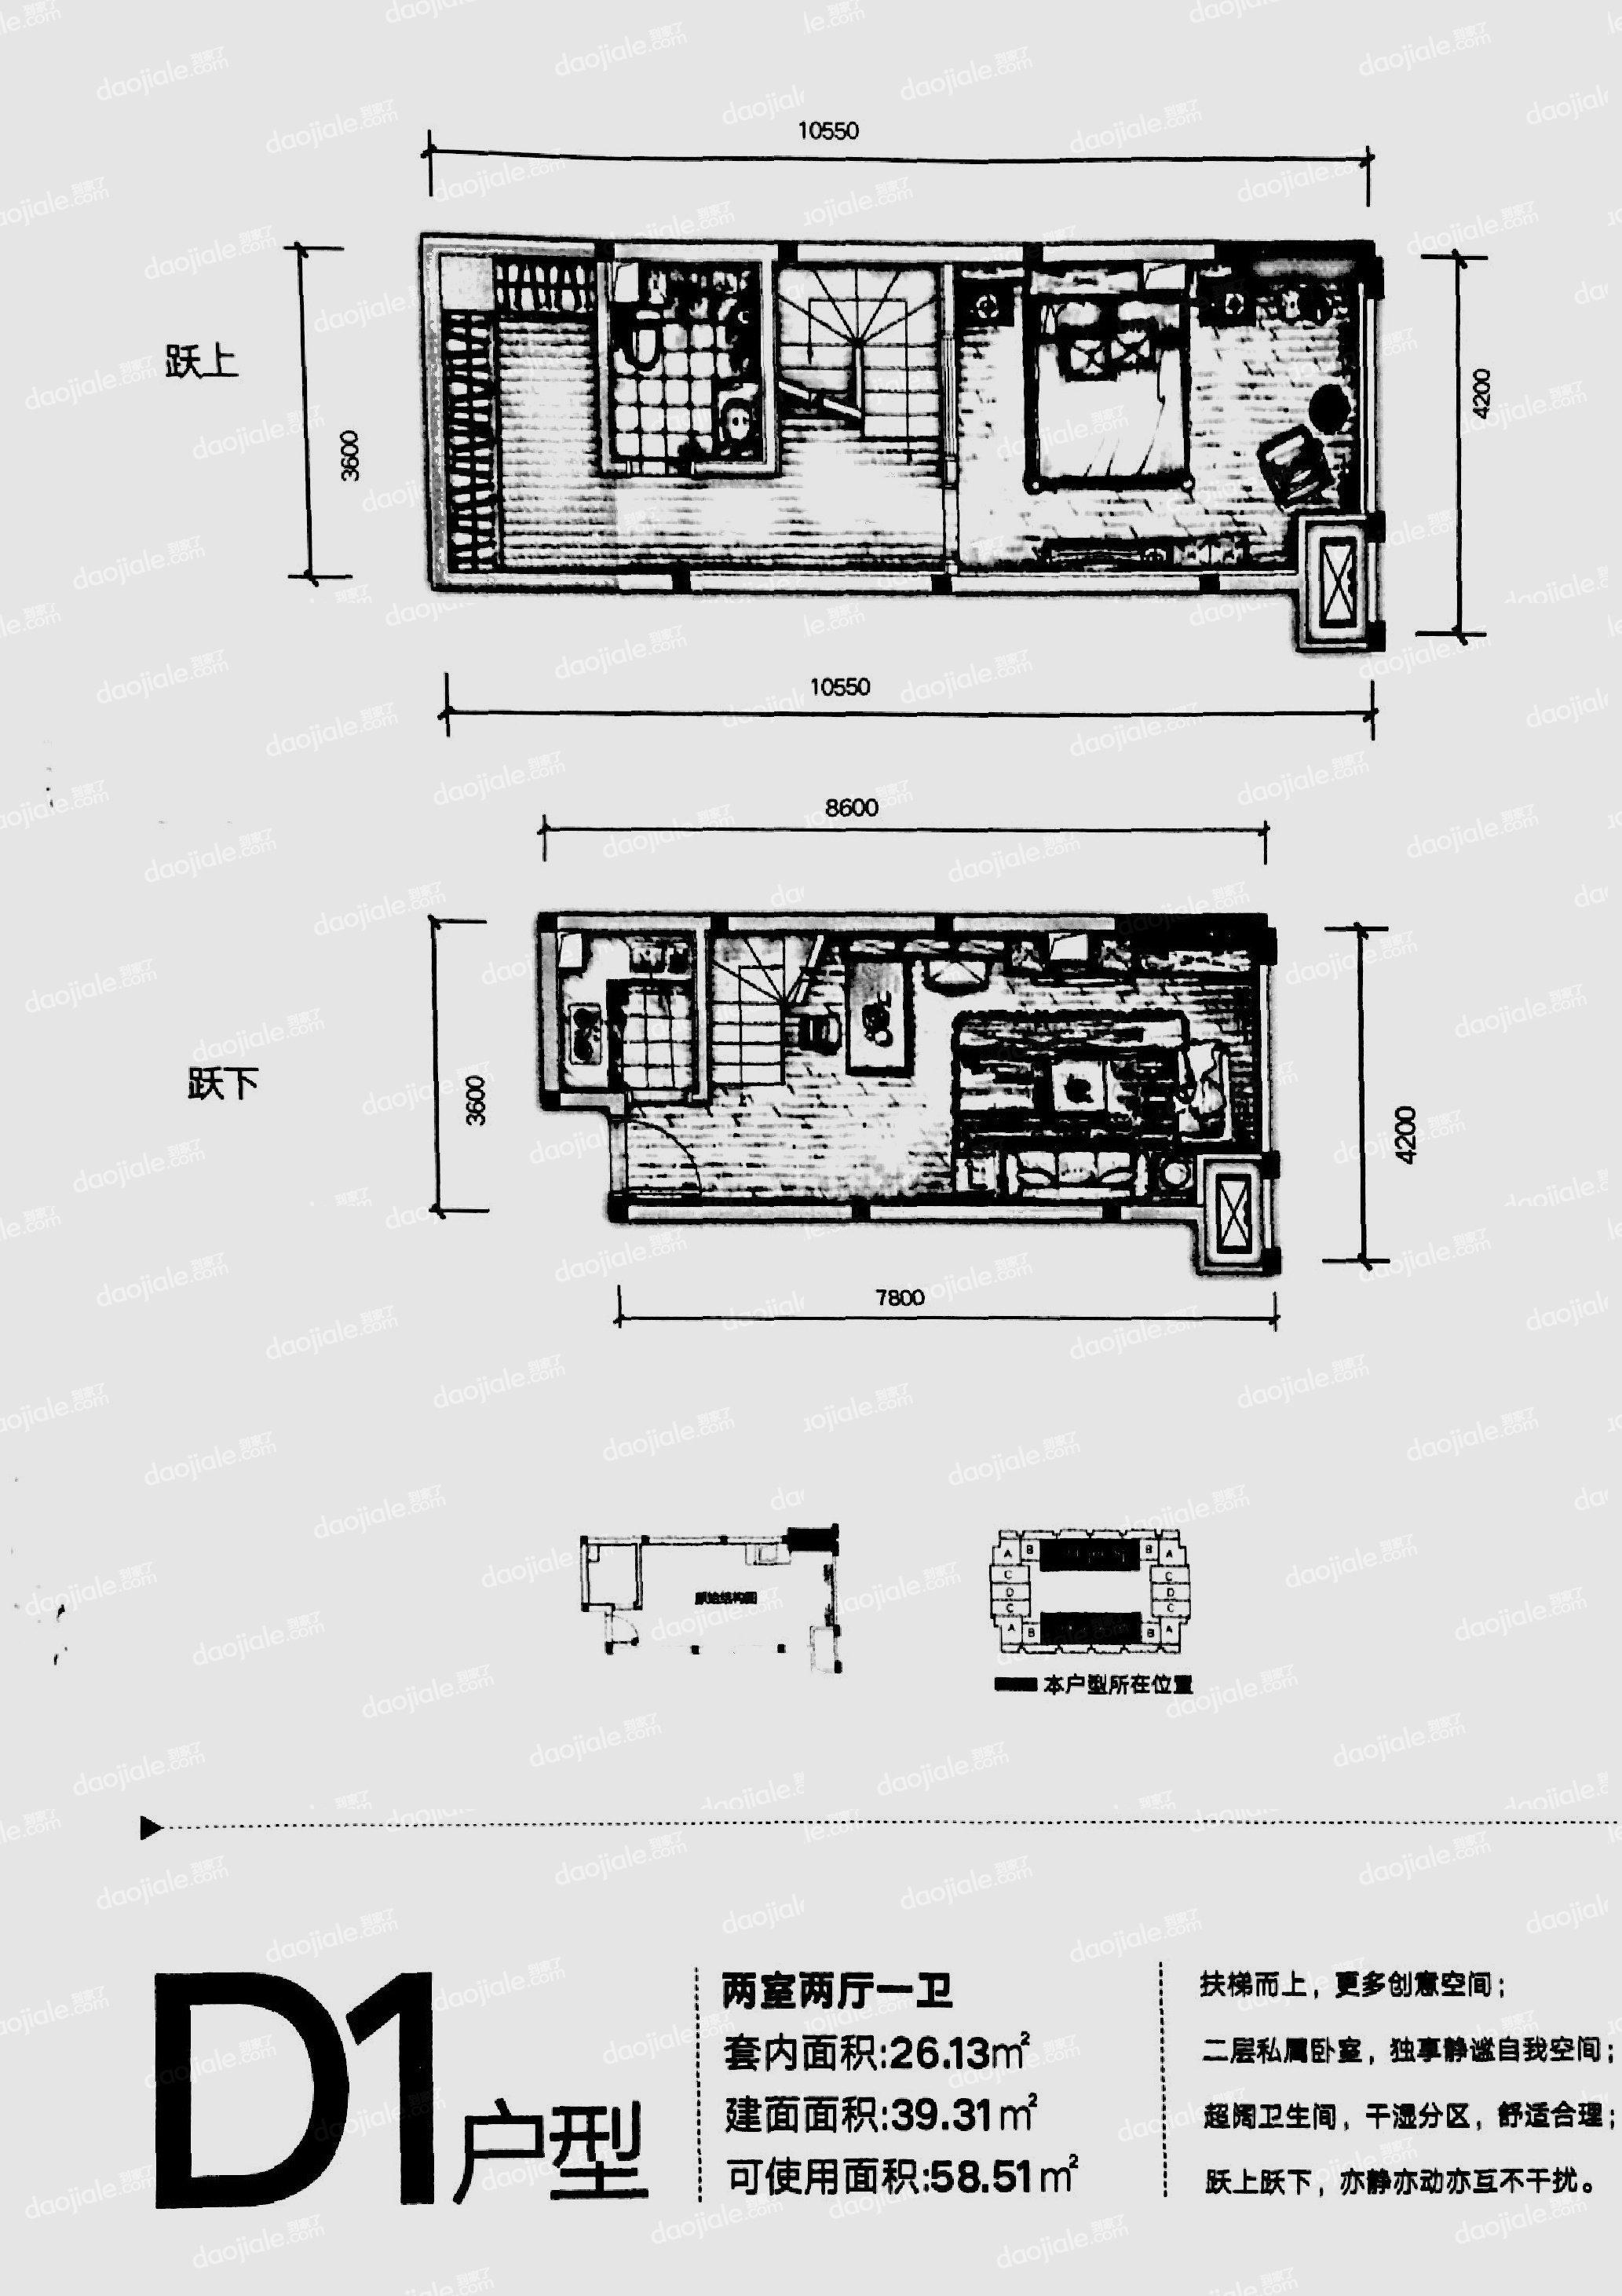 沙坪坝区双碑信达滨江蓝庭新房D1户型图